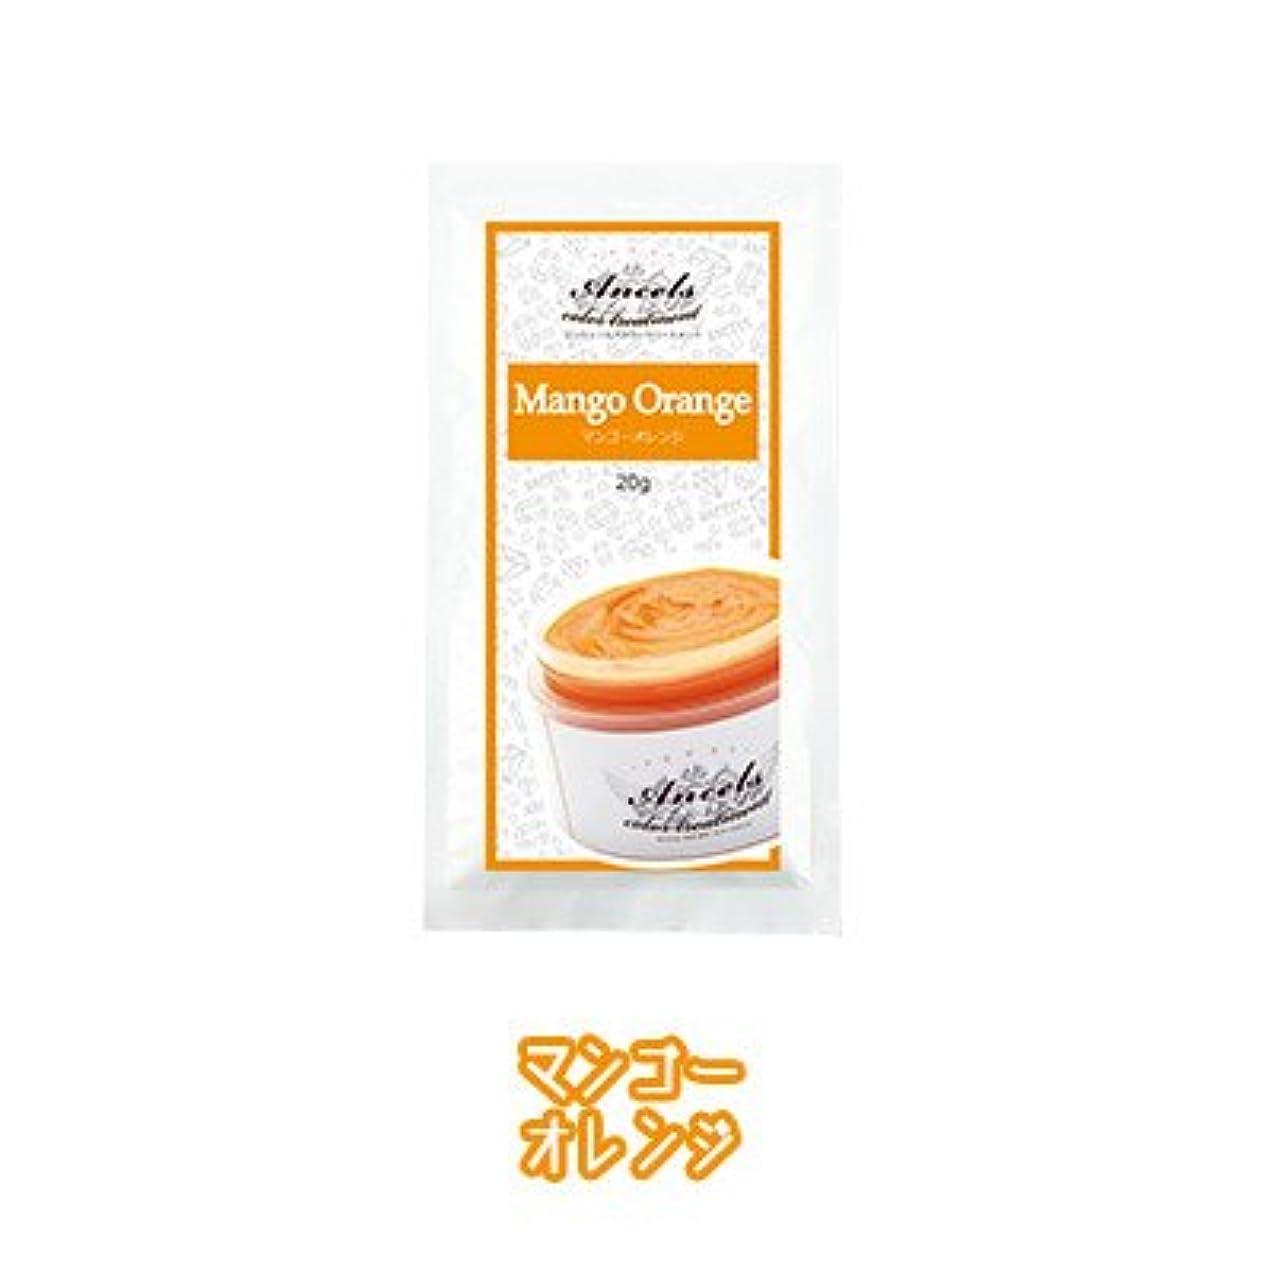 思い出とんでもない番号エンシェールズ カラートリートメントバター プチ(お試しサイズ) マンゴーオレンジ 20g